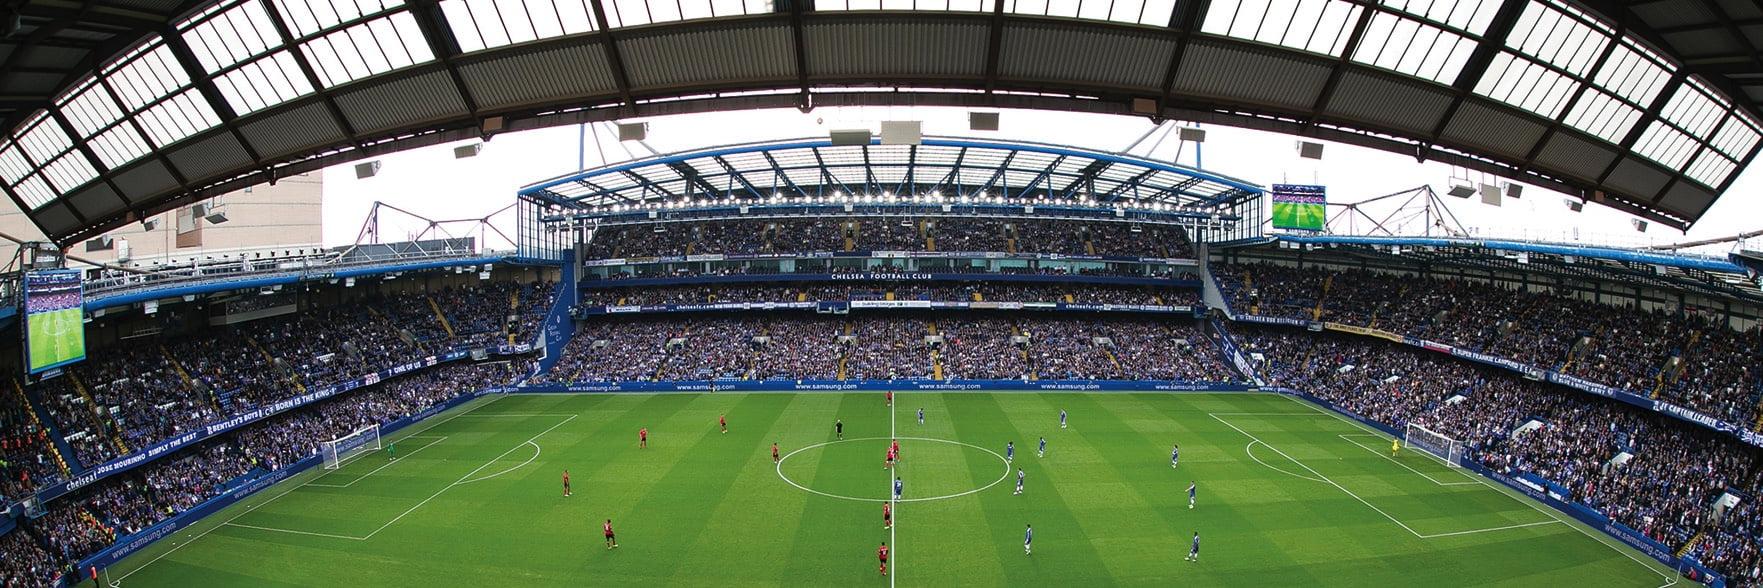 Chelsea FC - Liverpool FC, 6 Januarum 0:00